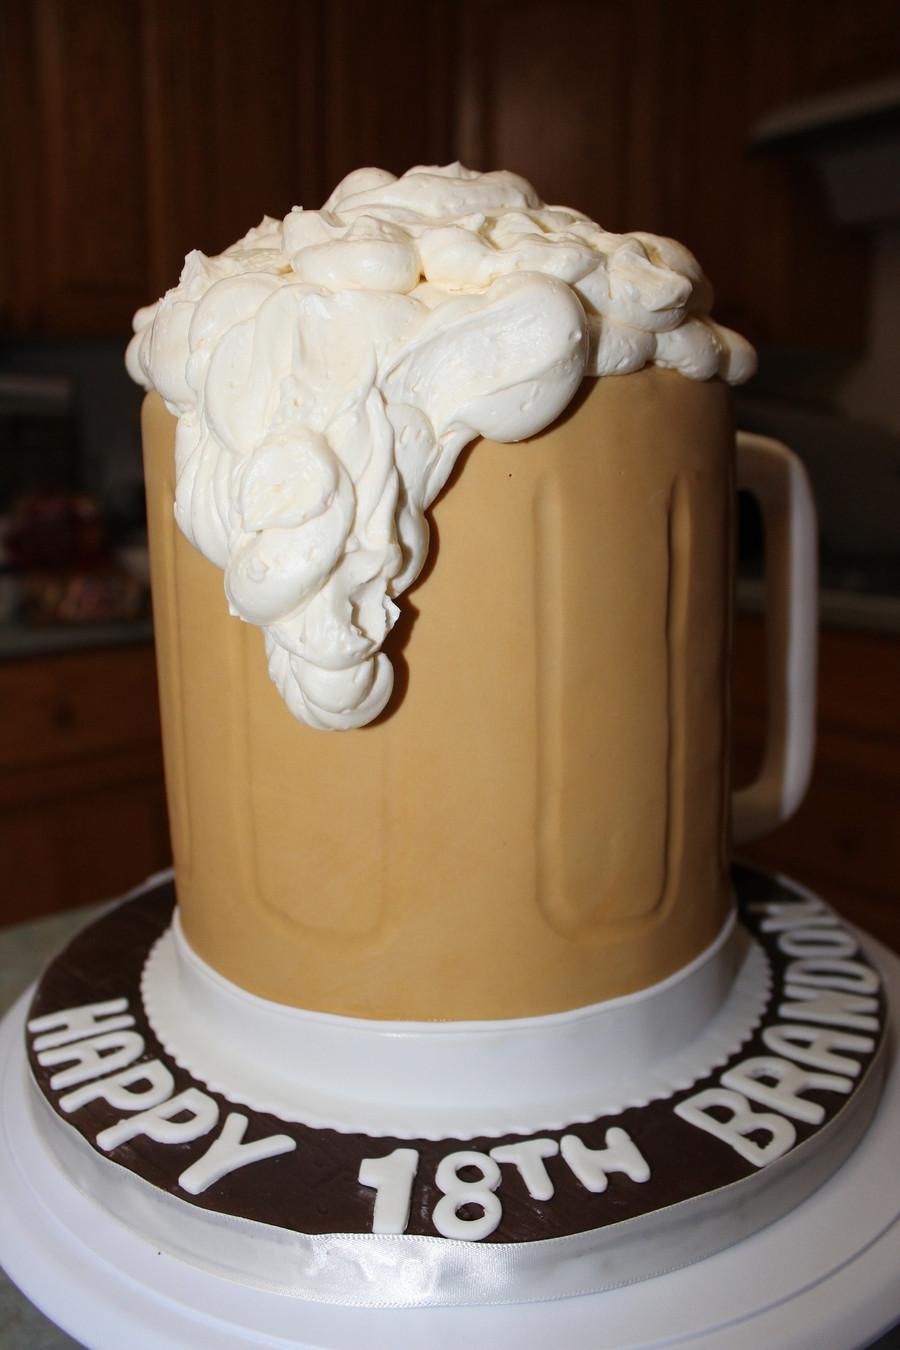 Beer Mug Cake  Beer Mug Cake CakeCentral